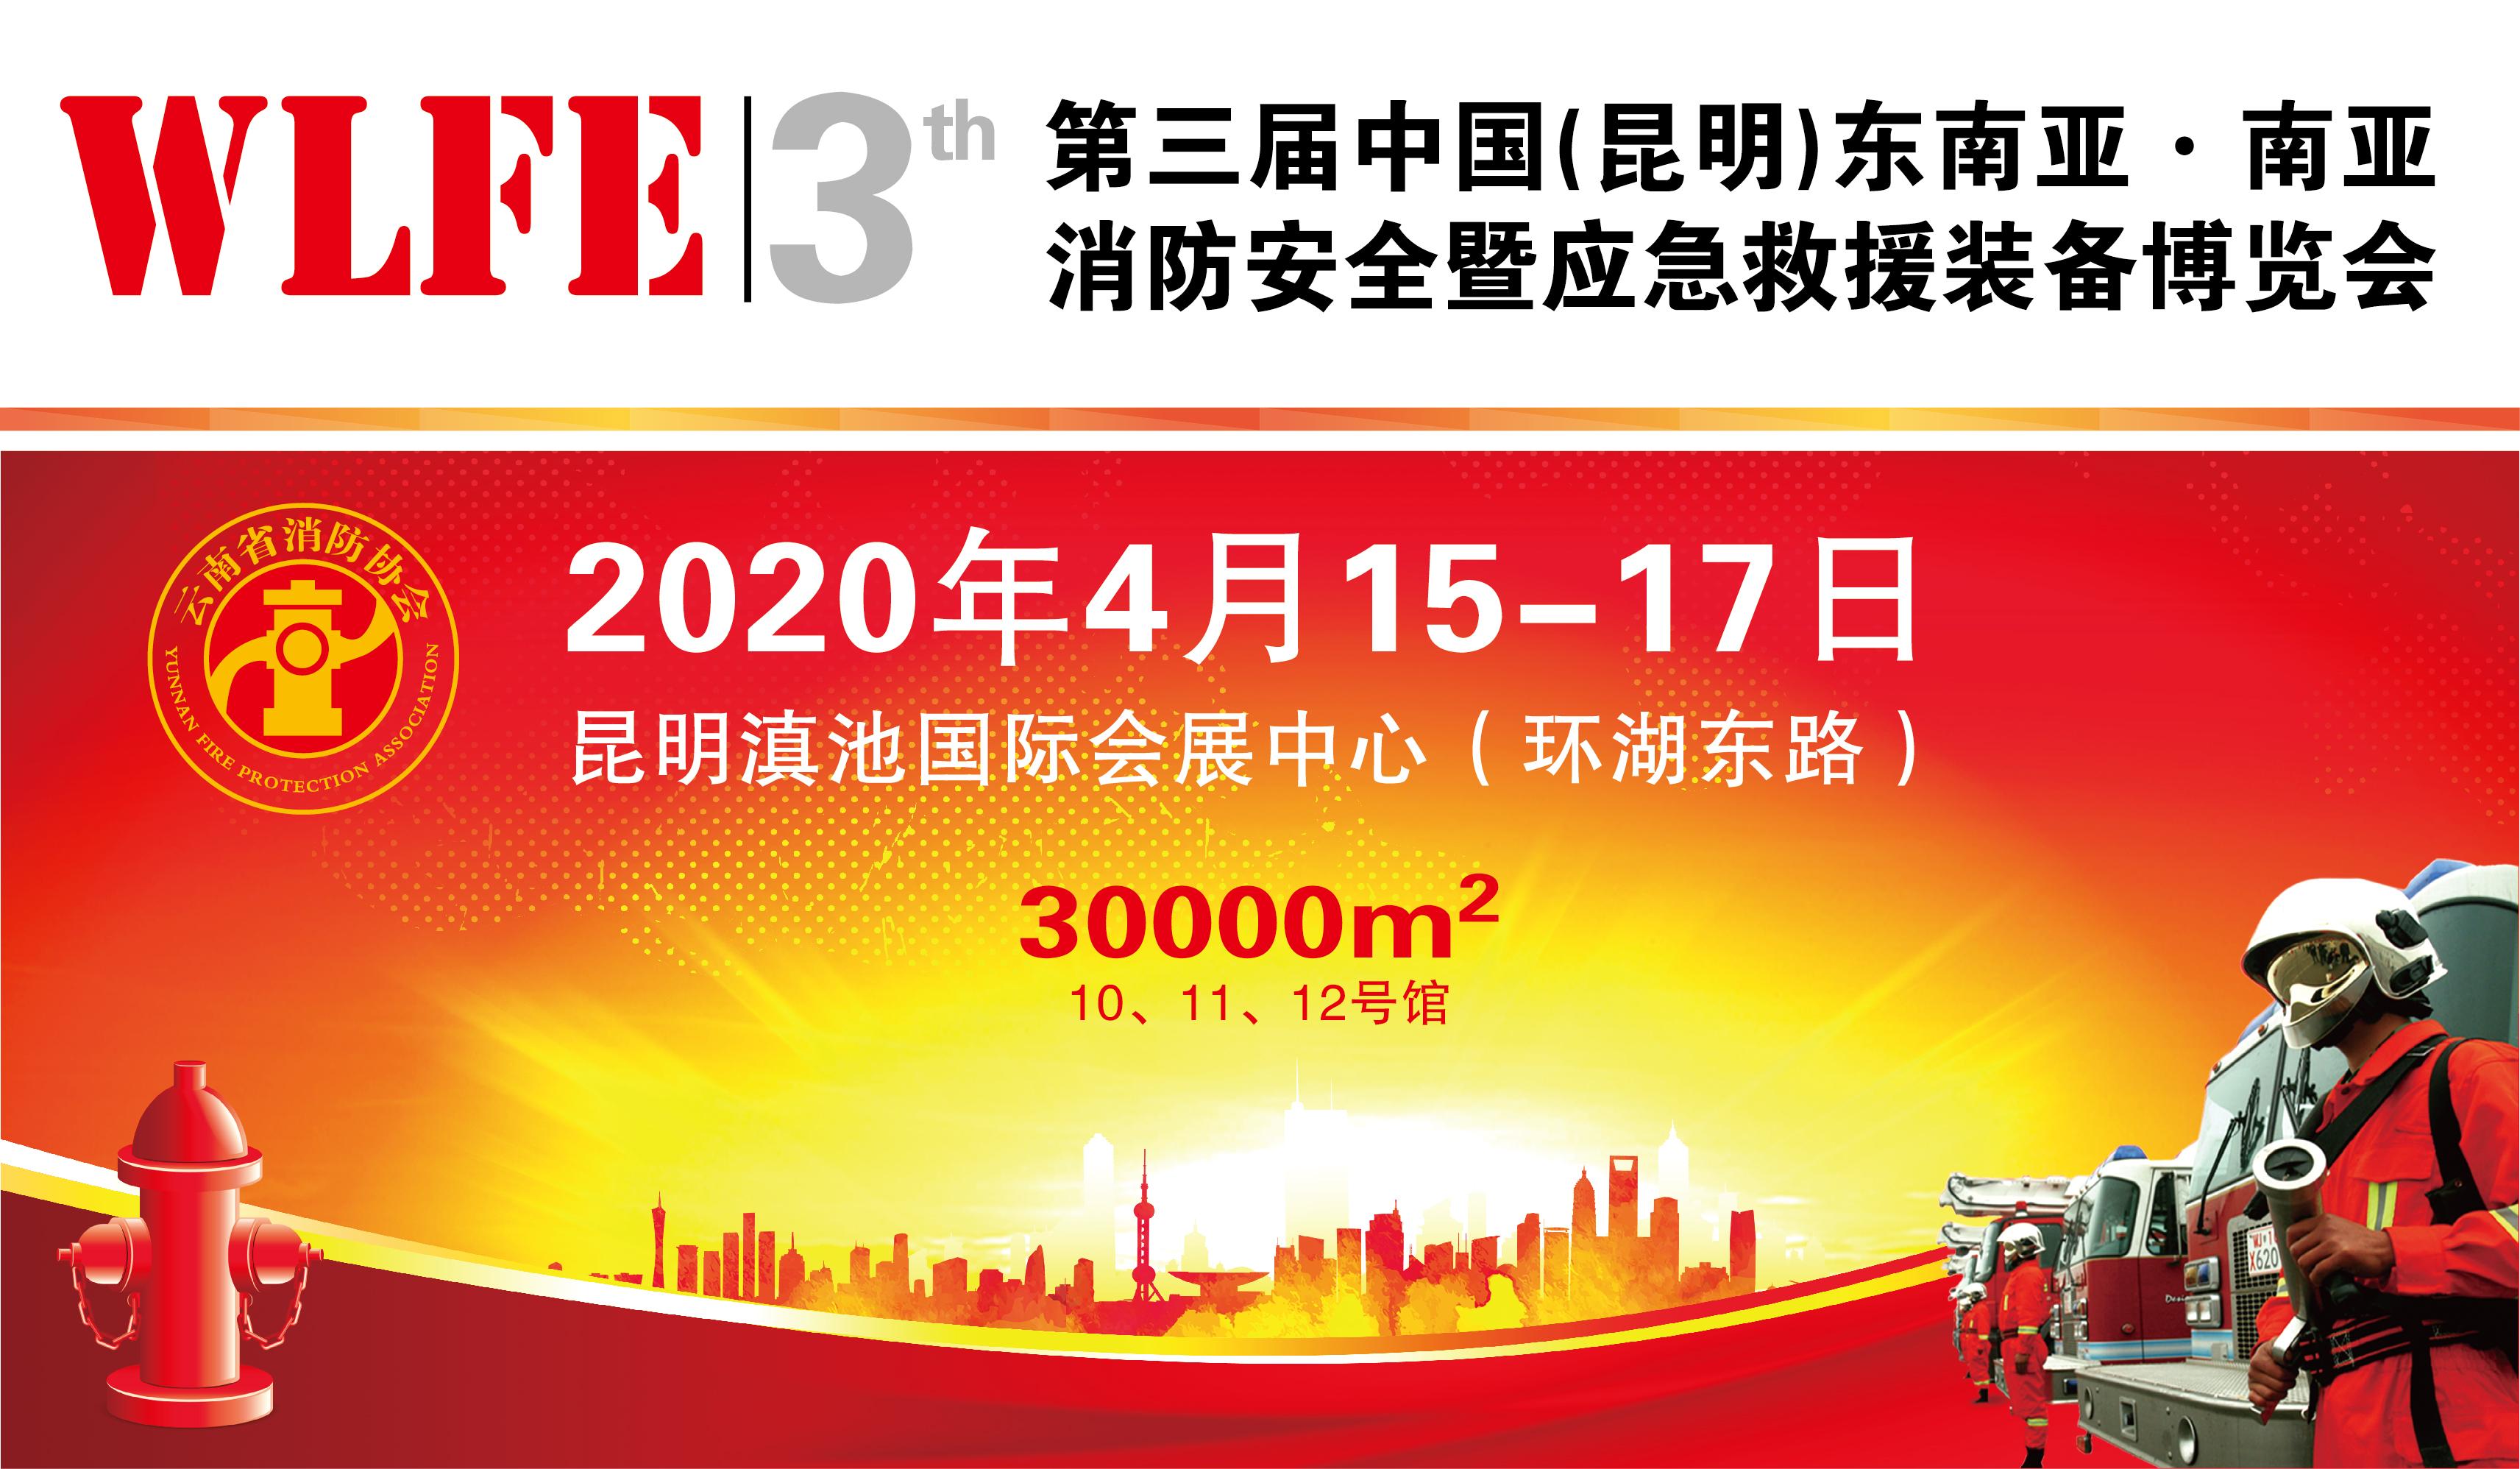 云南省消防协会洪利川会长率会展部赴京推荐2020昆明消防展